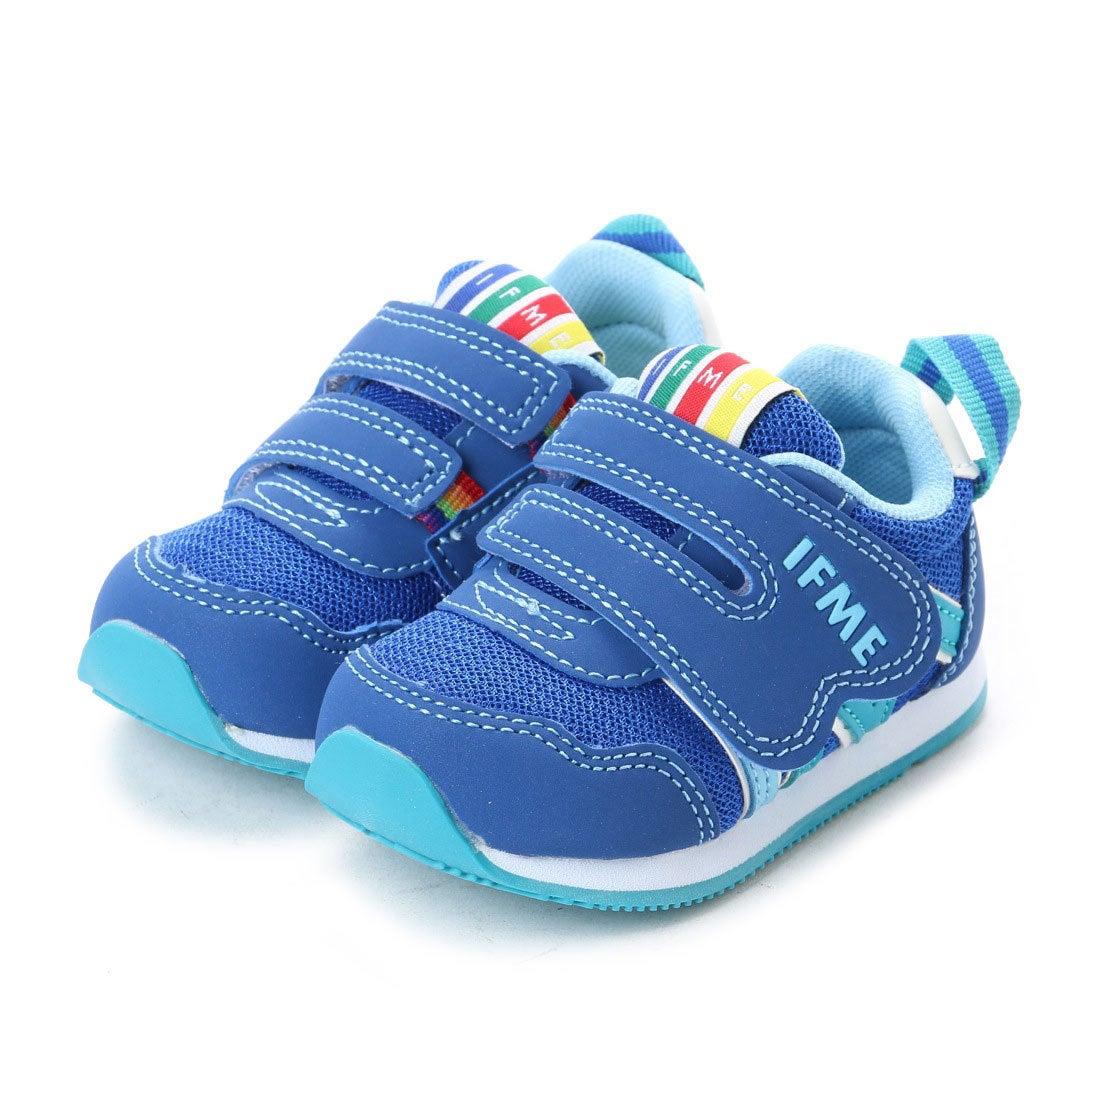 ロコンド 靴とファッションの通販サイトASBee イフミー IFME ベビー シューズ 30-7773 ブルー